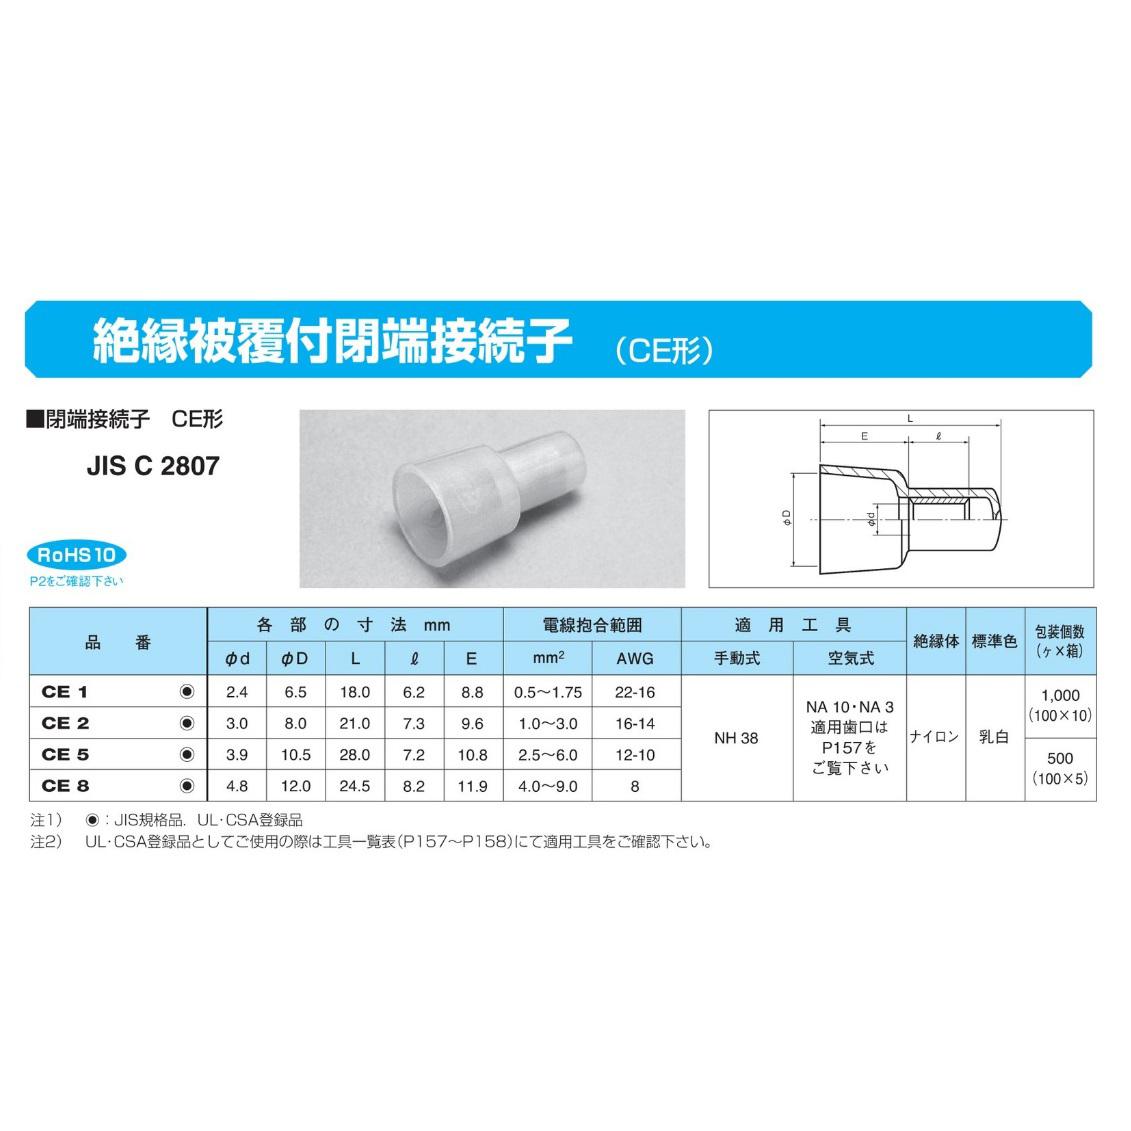 絶縁被覆付閉端接続子(CE型) バラ売り ニチフ